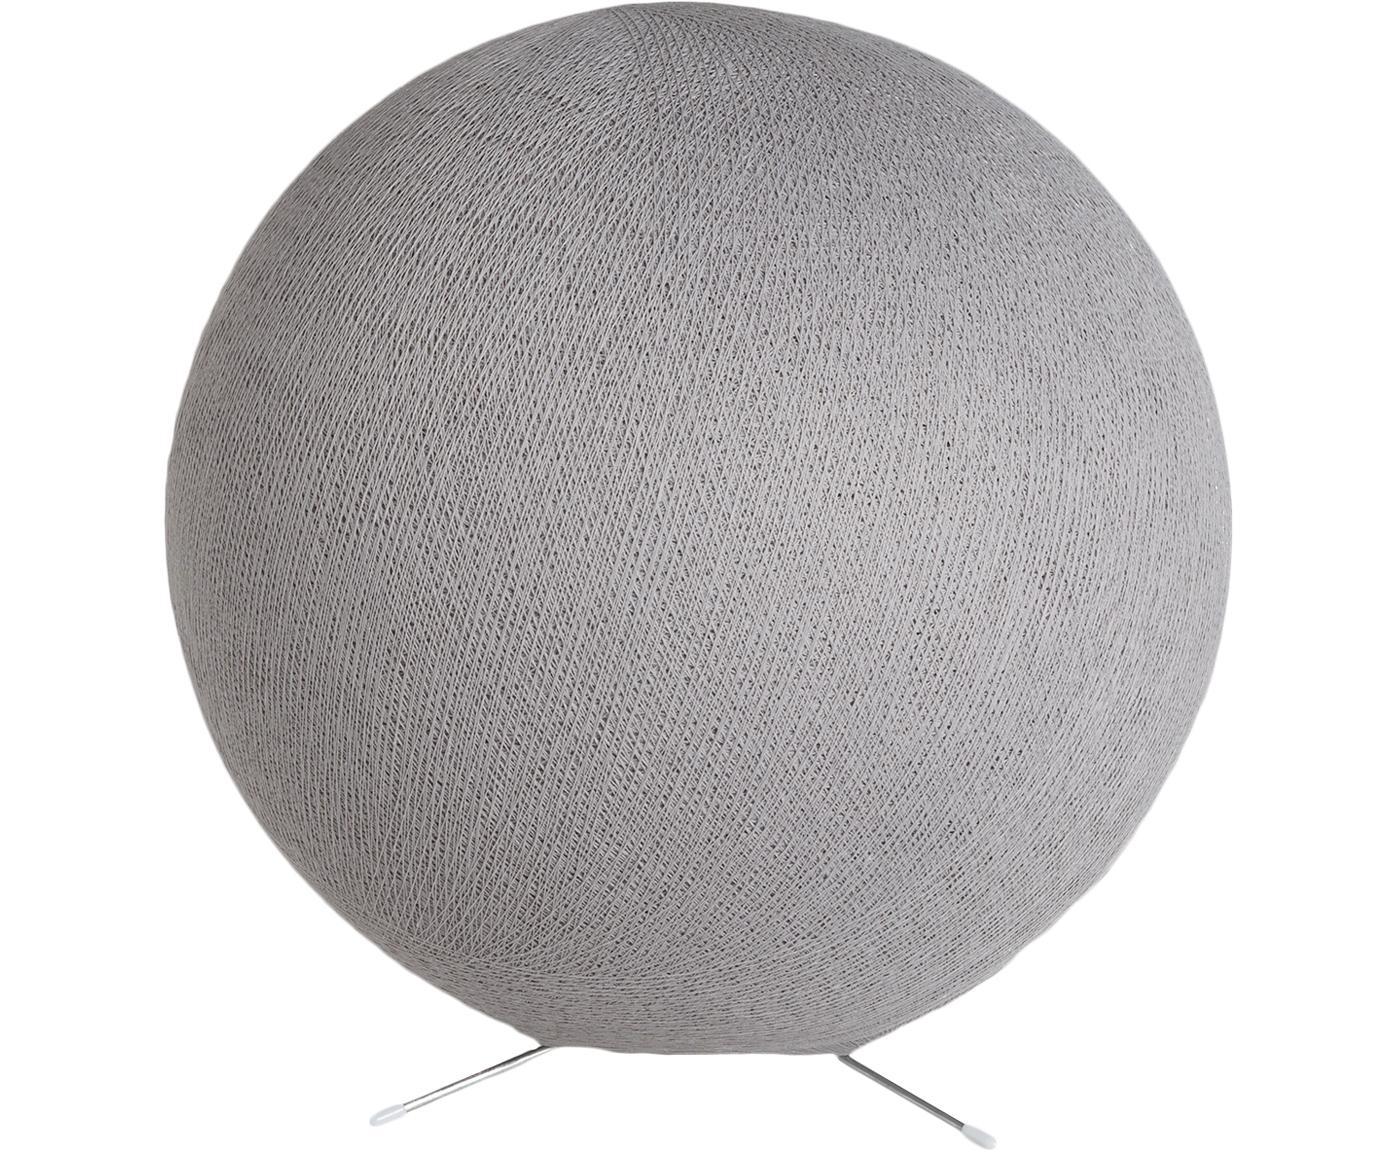 Tischleuchte Colorain, Lampenschirm: Polyester, Lampenfuß: Metall, Steingrau, Ø 36 cm